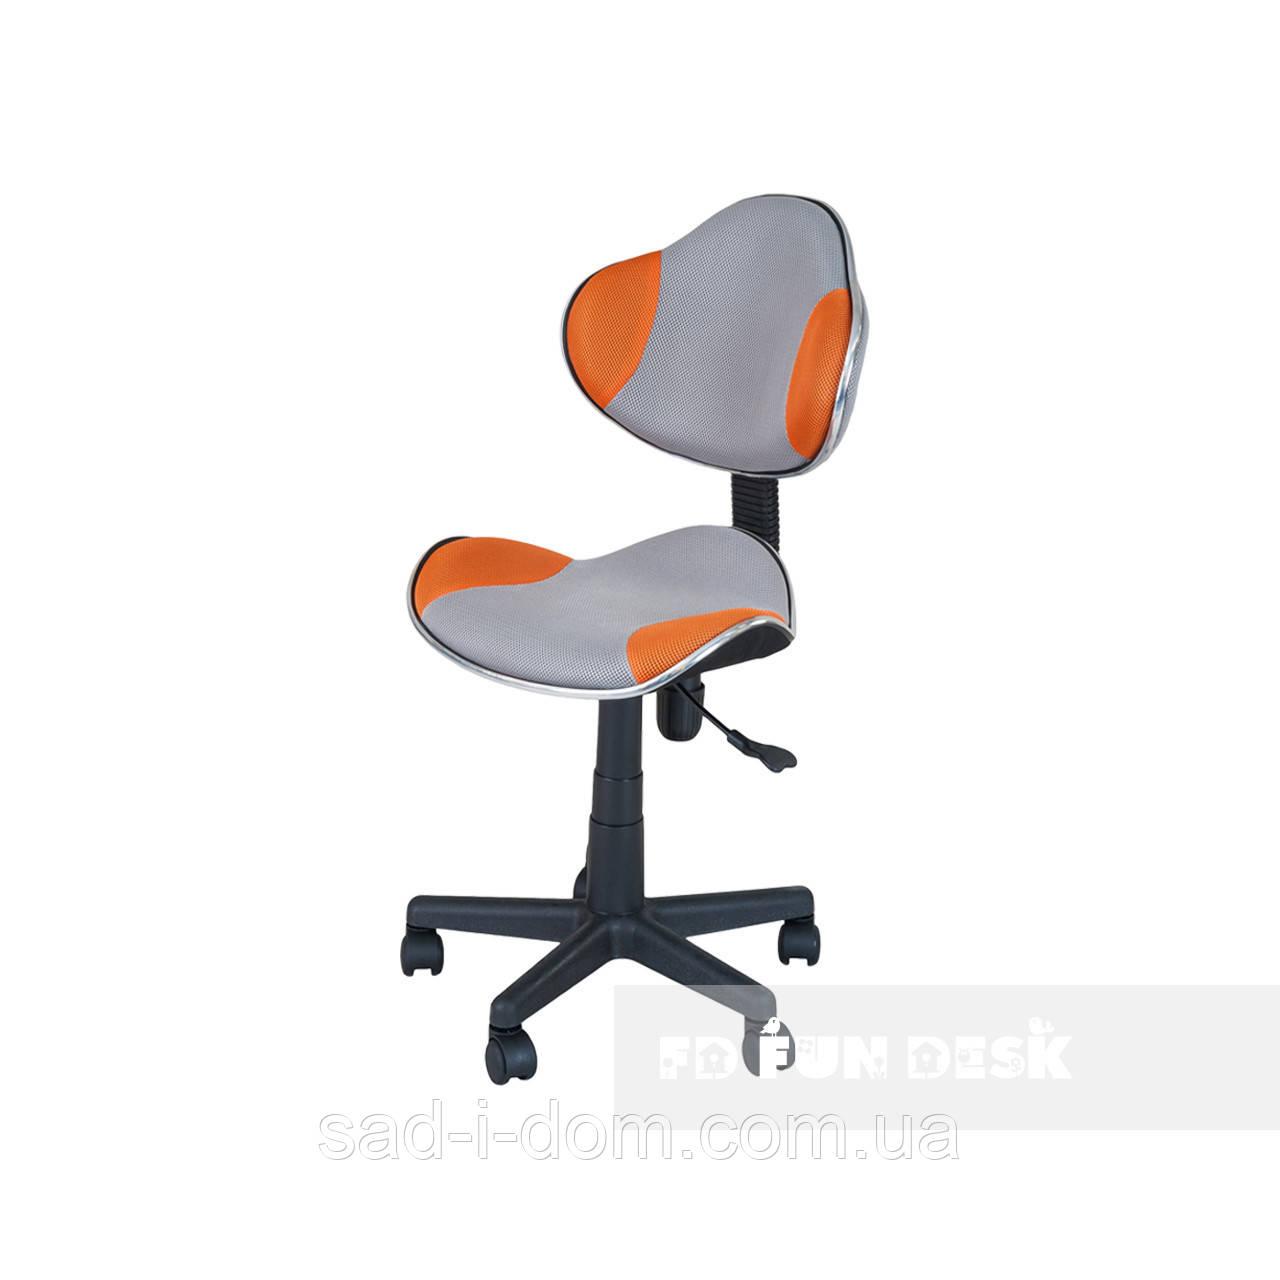 Детское ортопедическое кресло FunDesk LST3,серо-оранжевое